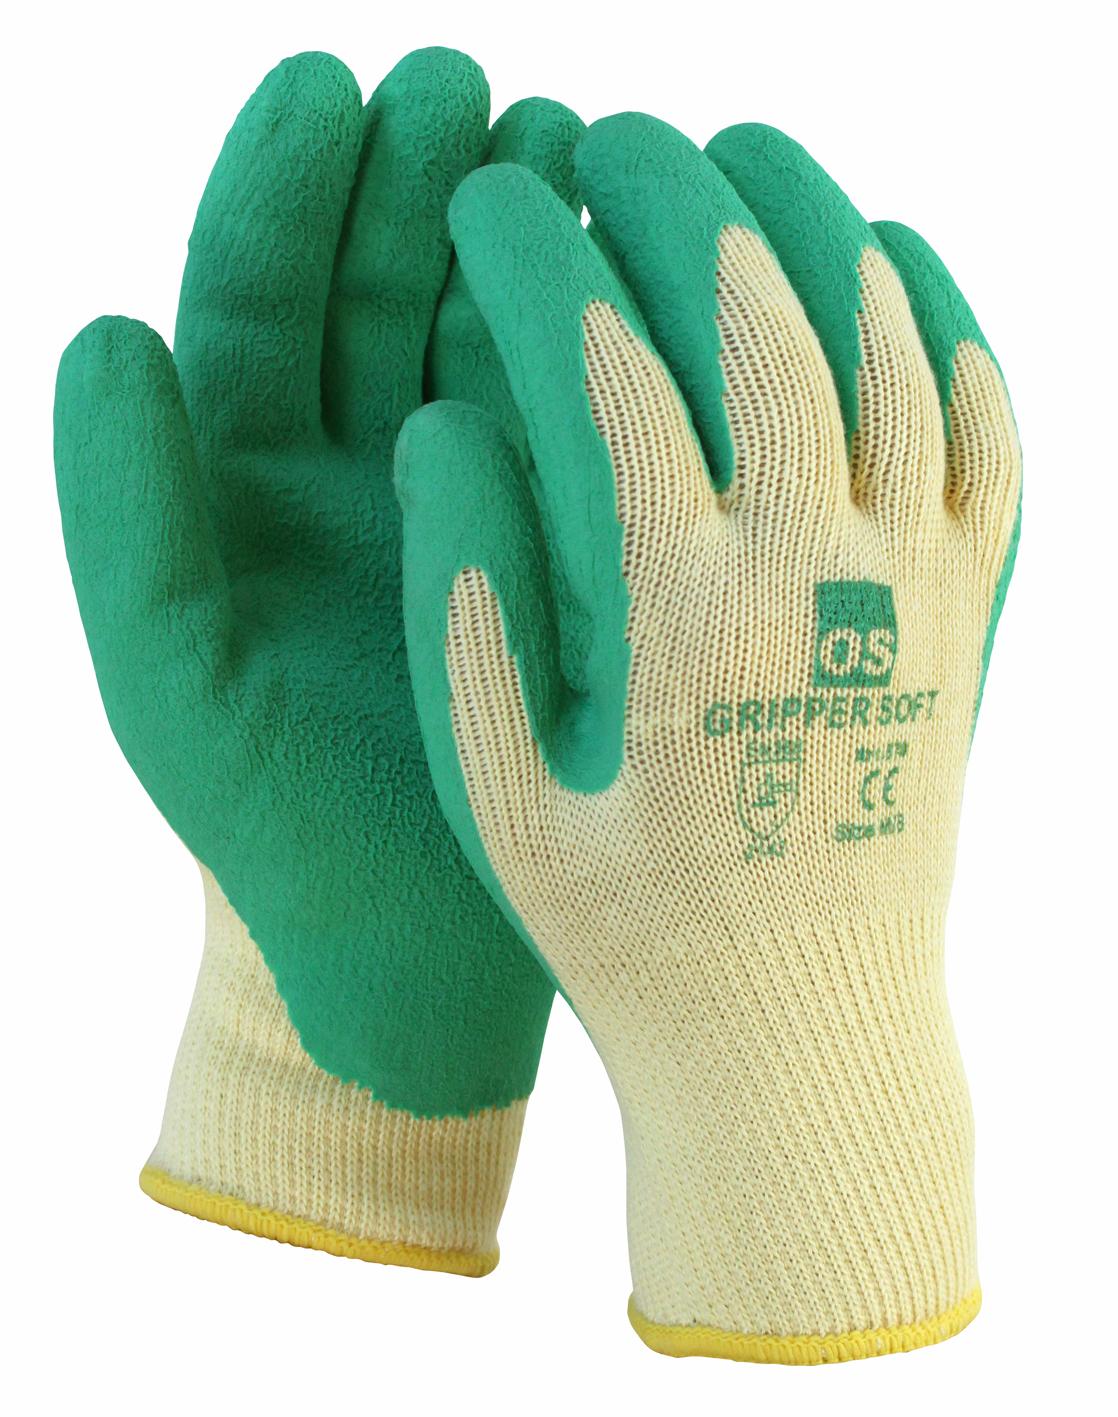 Image of   Gripper Soft, grøn arbejdshandske